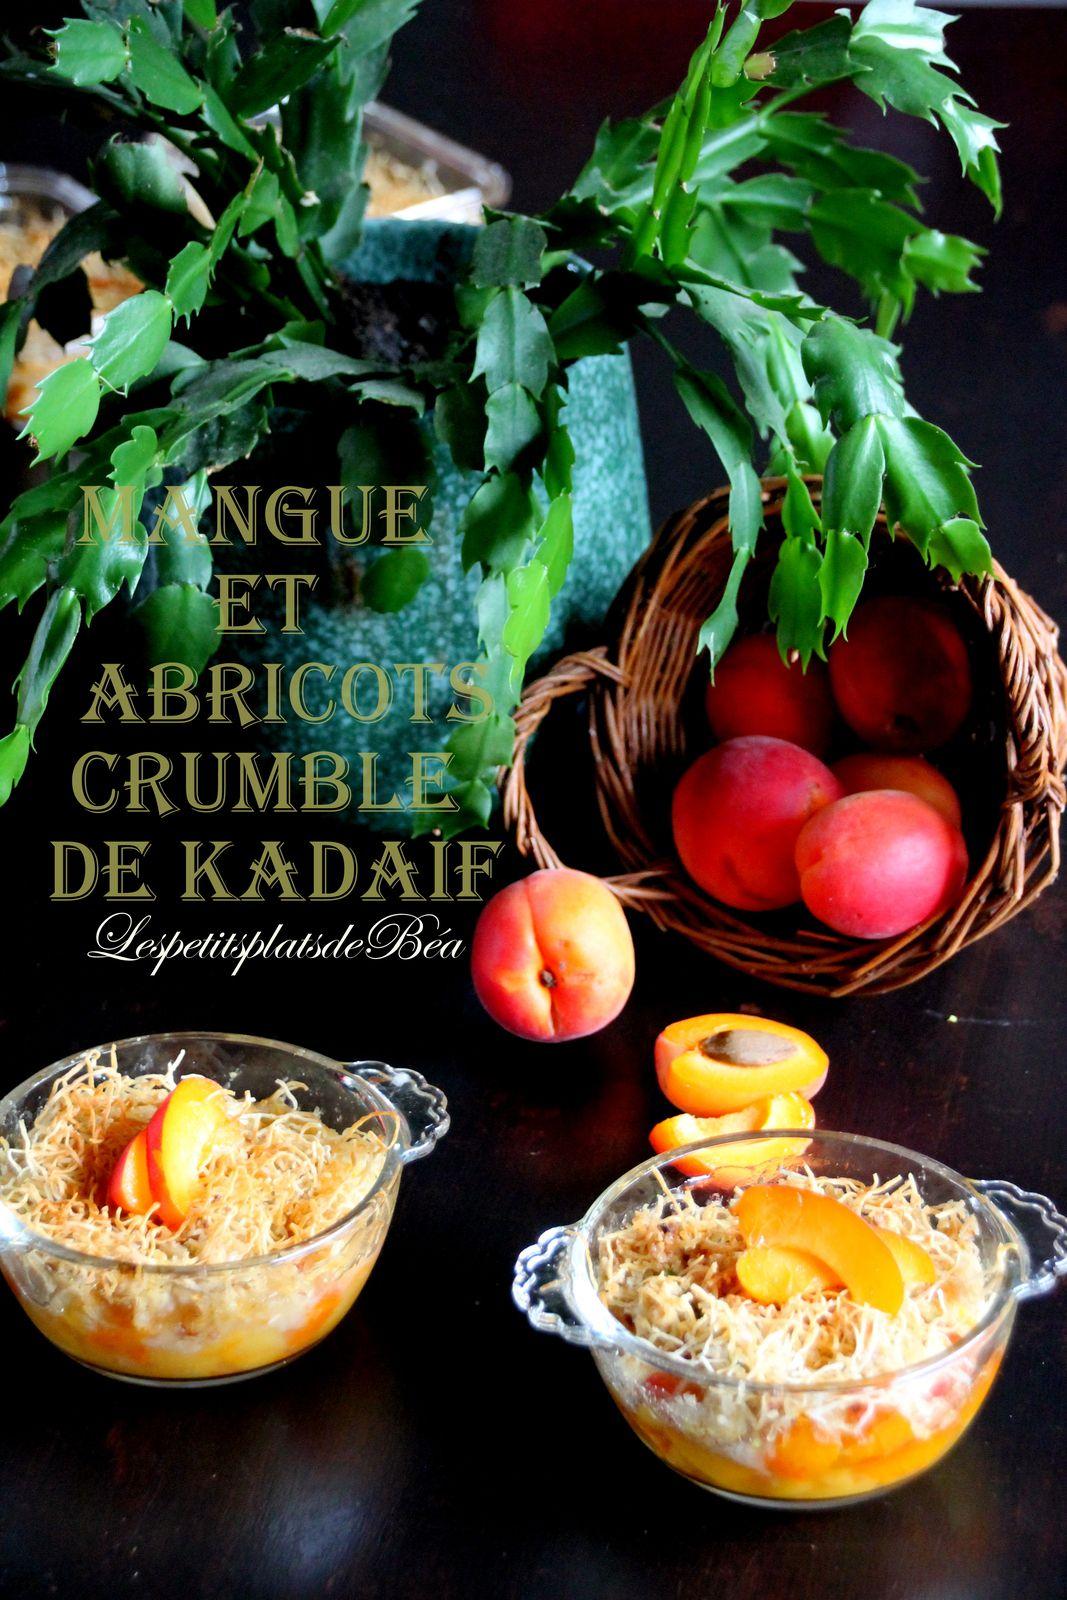 Mangue et abricots à la fleur d'oranger crumble au kadaïf